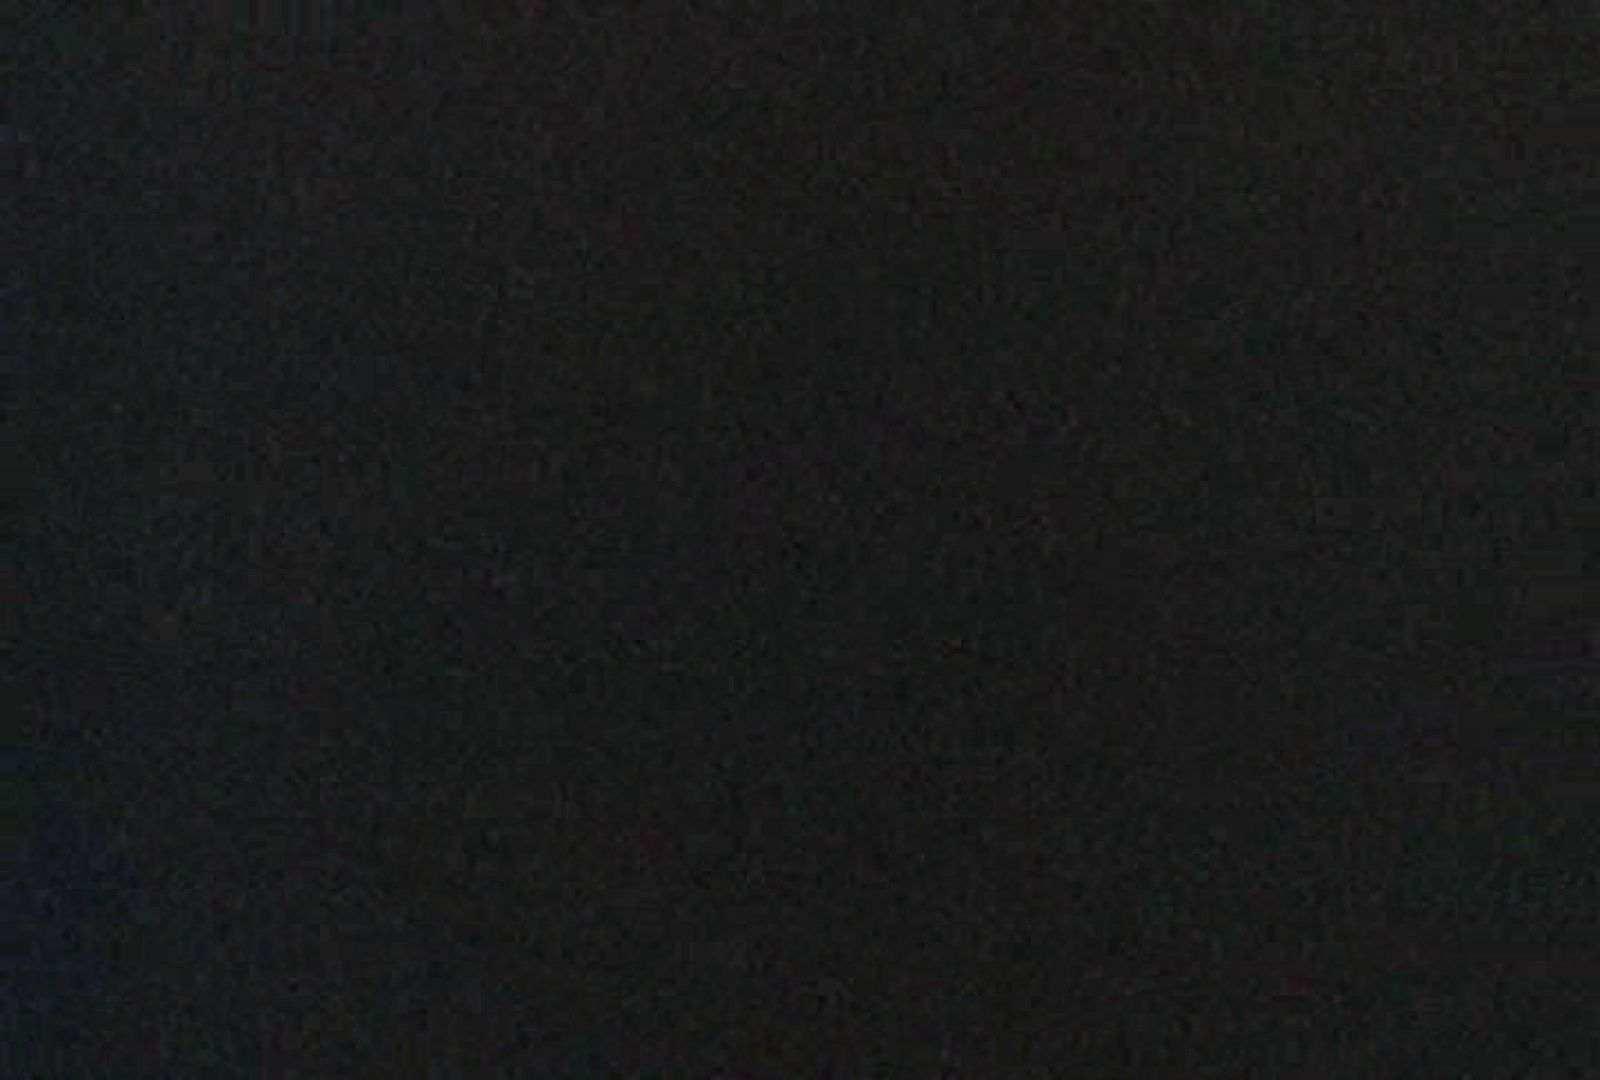 充血監督の深夜の運動会Vol.45 ローター AV無料動画キャプチャ 59画像 23